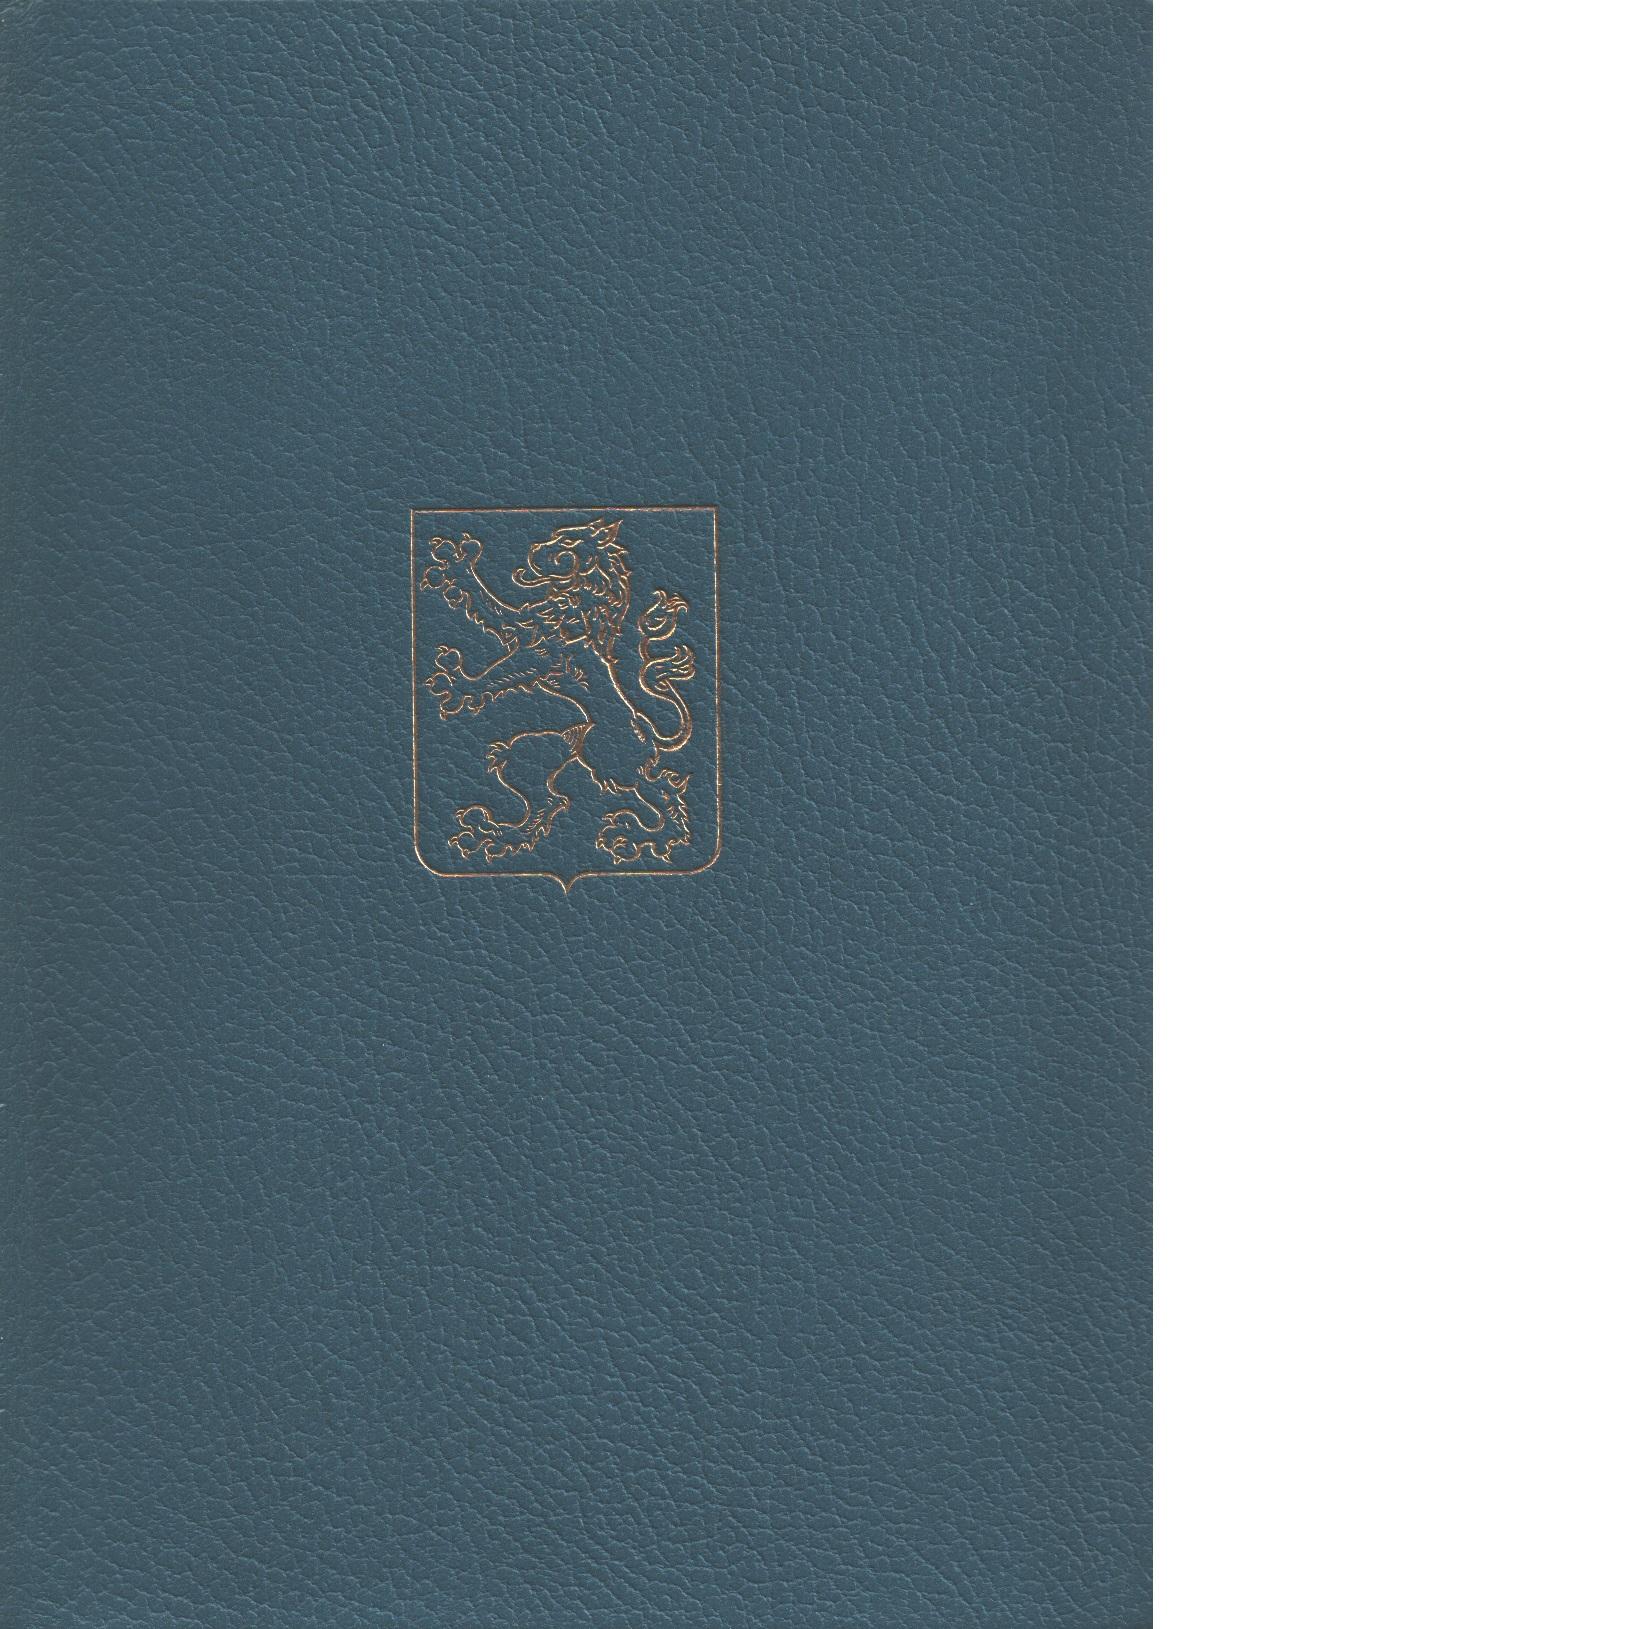 Från fars och farfars tid - en bokfilm om Halland - Rehnberg, Mats m fl